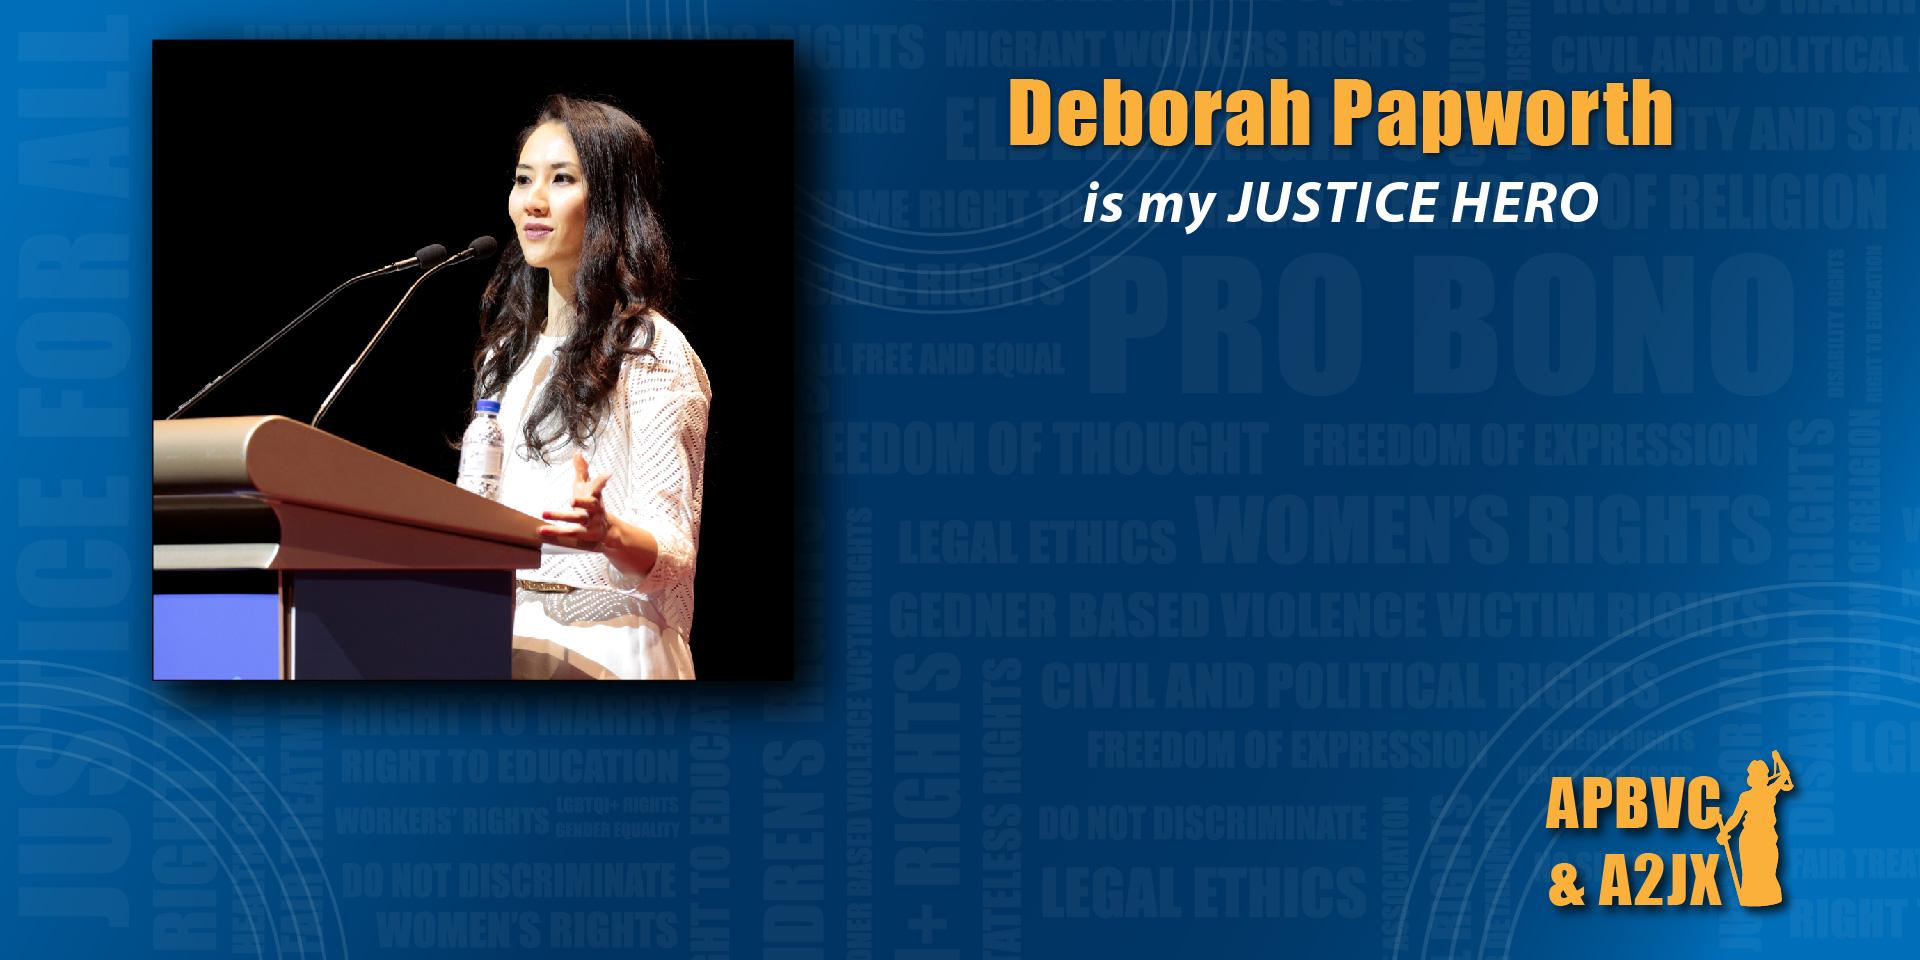 Deborah Papworth